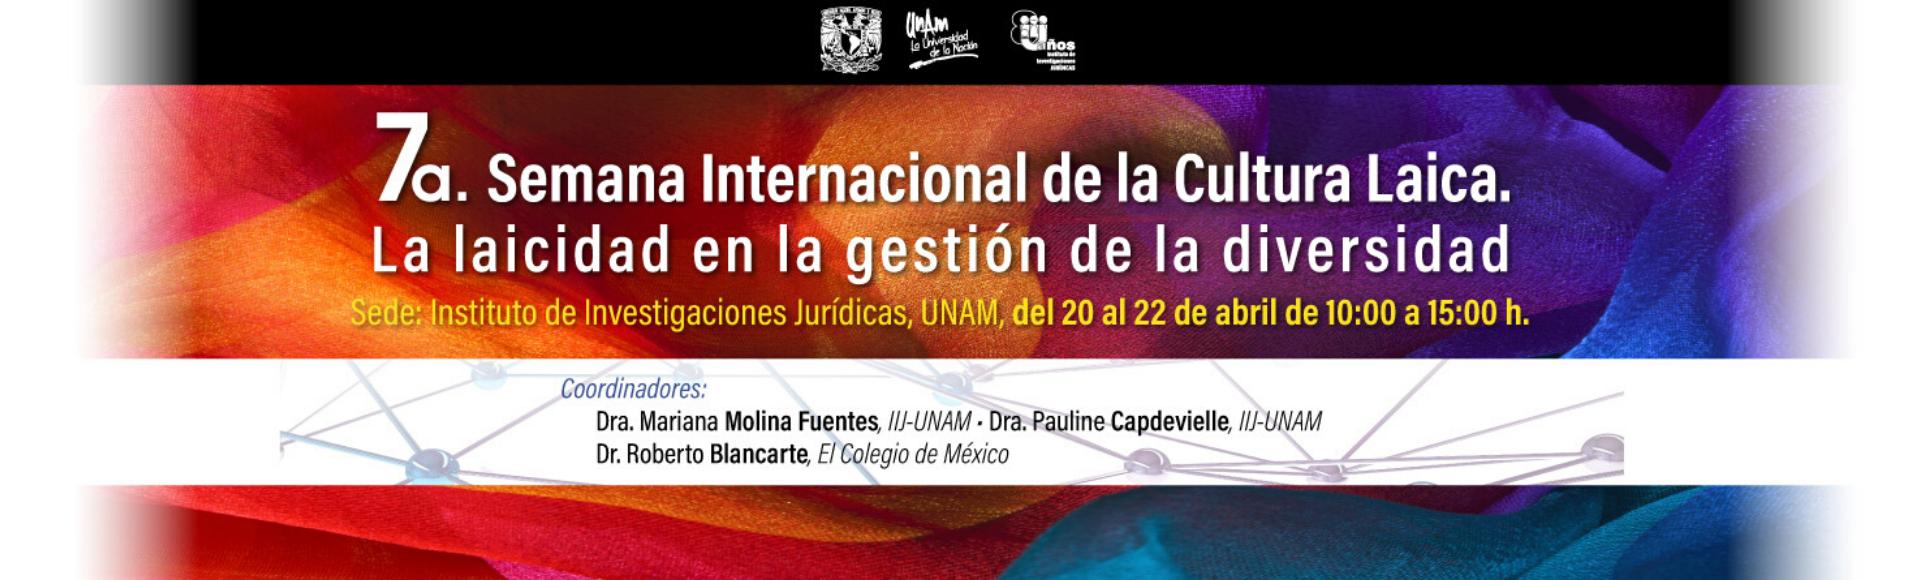 7a Semana internacional de la Cultura Laica